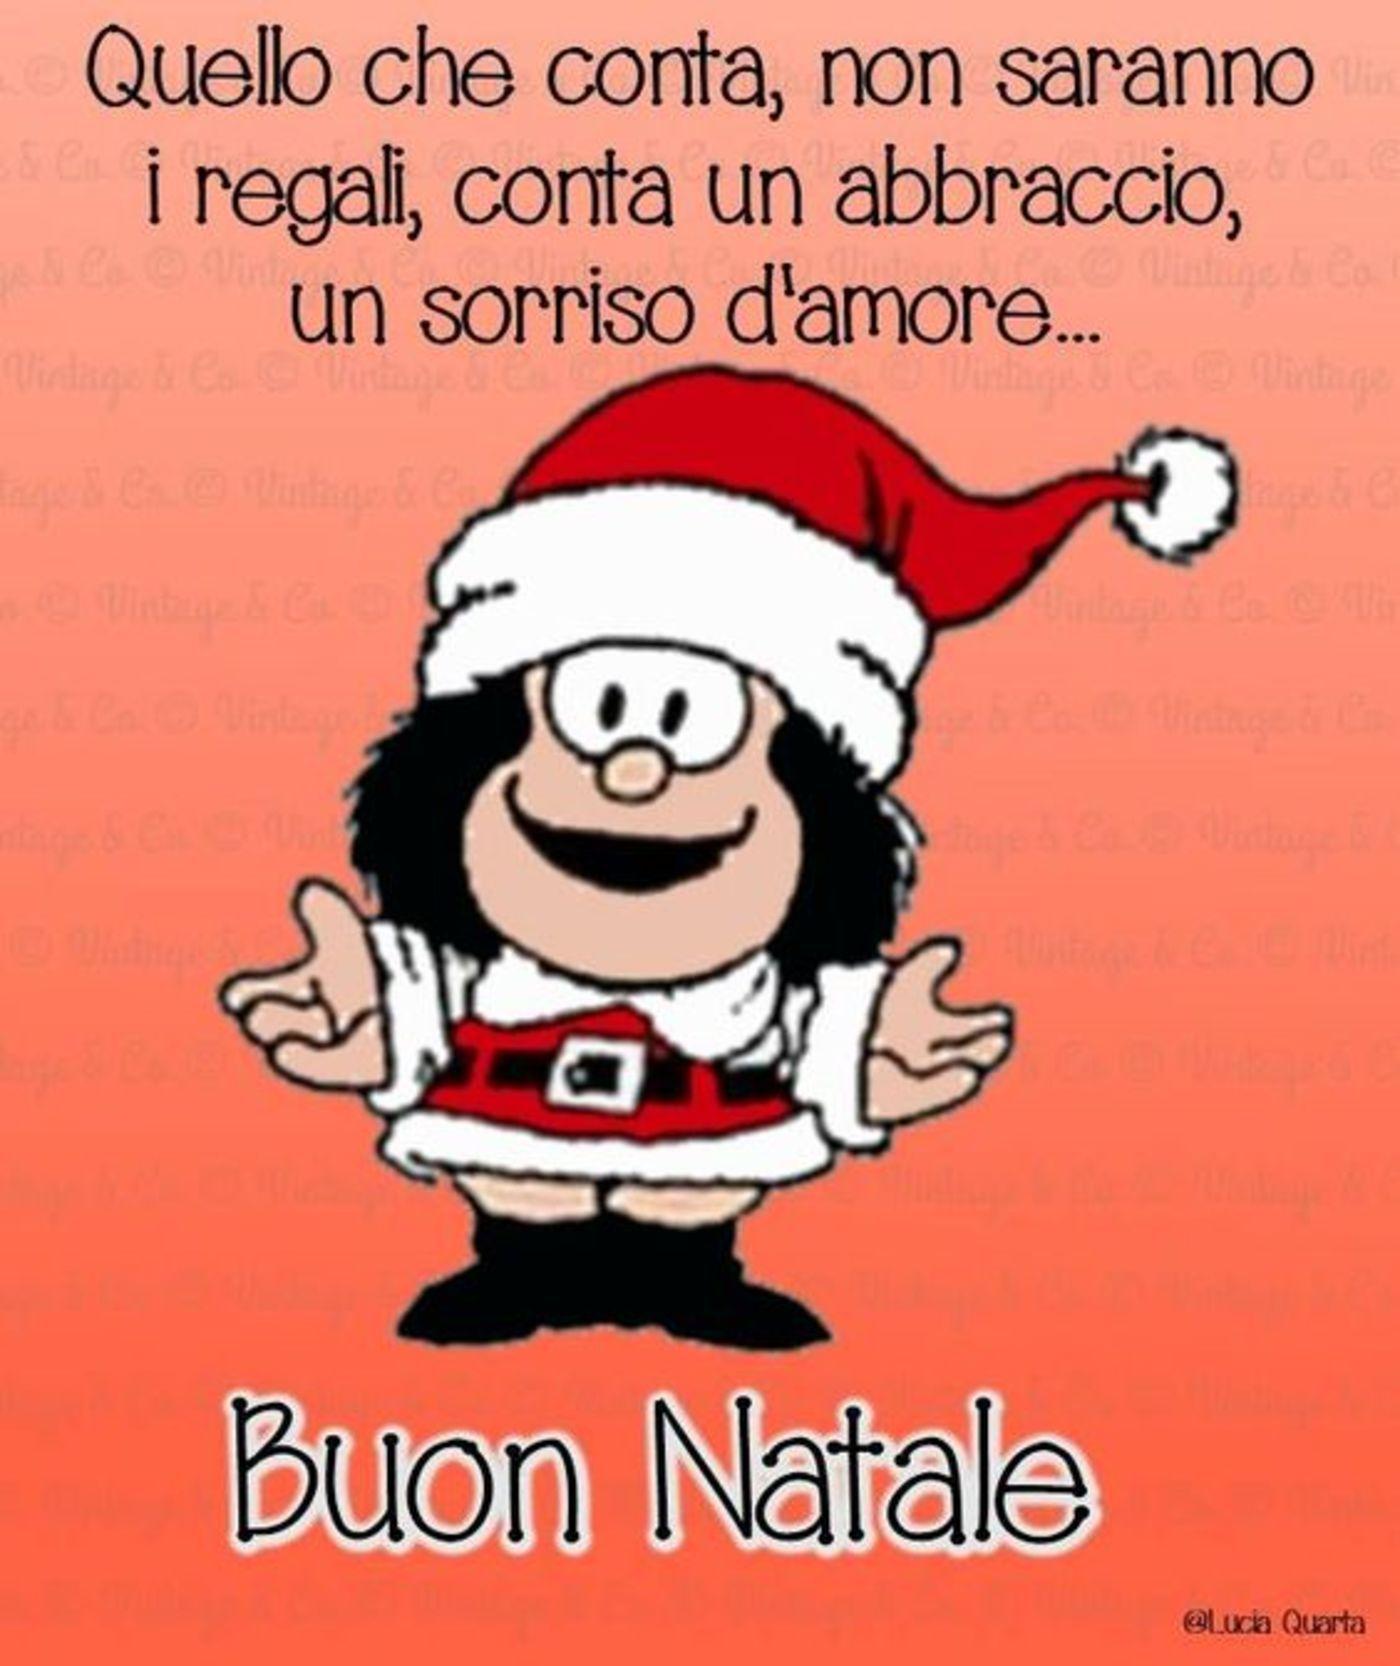 Foto Spiritose Di Buon Natale.Buon Natale Immagini Divertenti Auguri Di Buon Natale